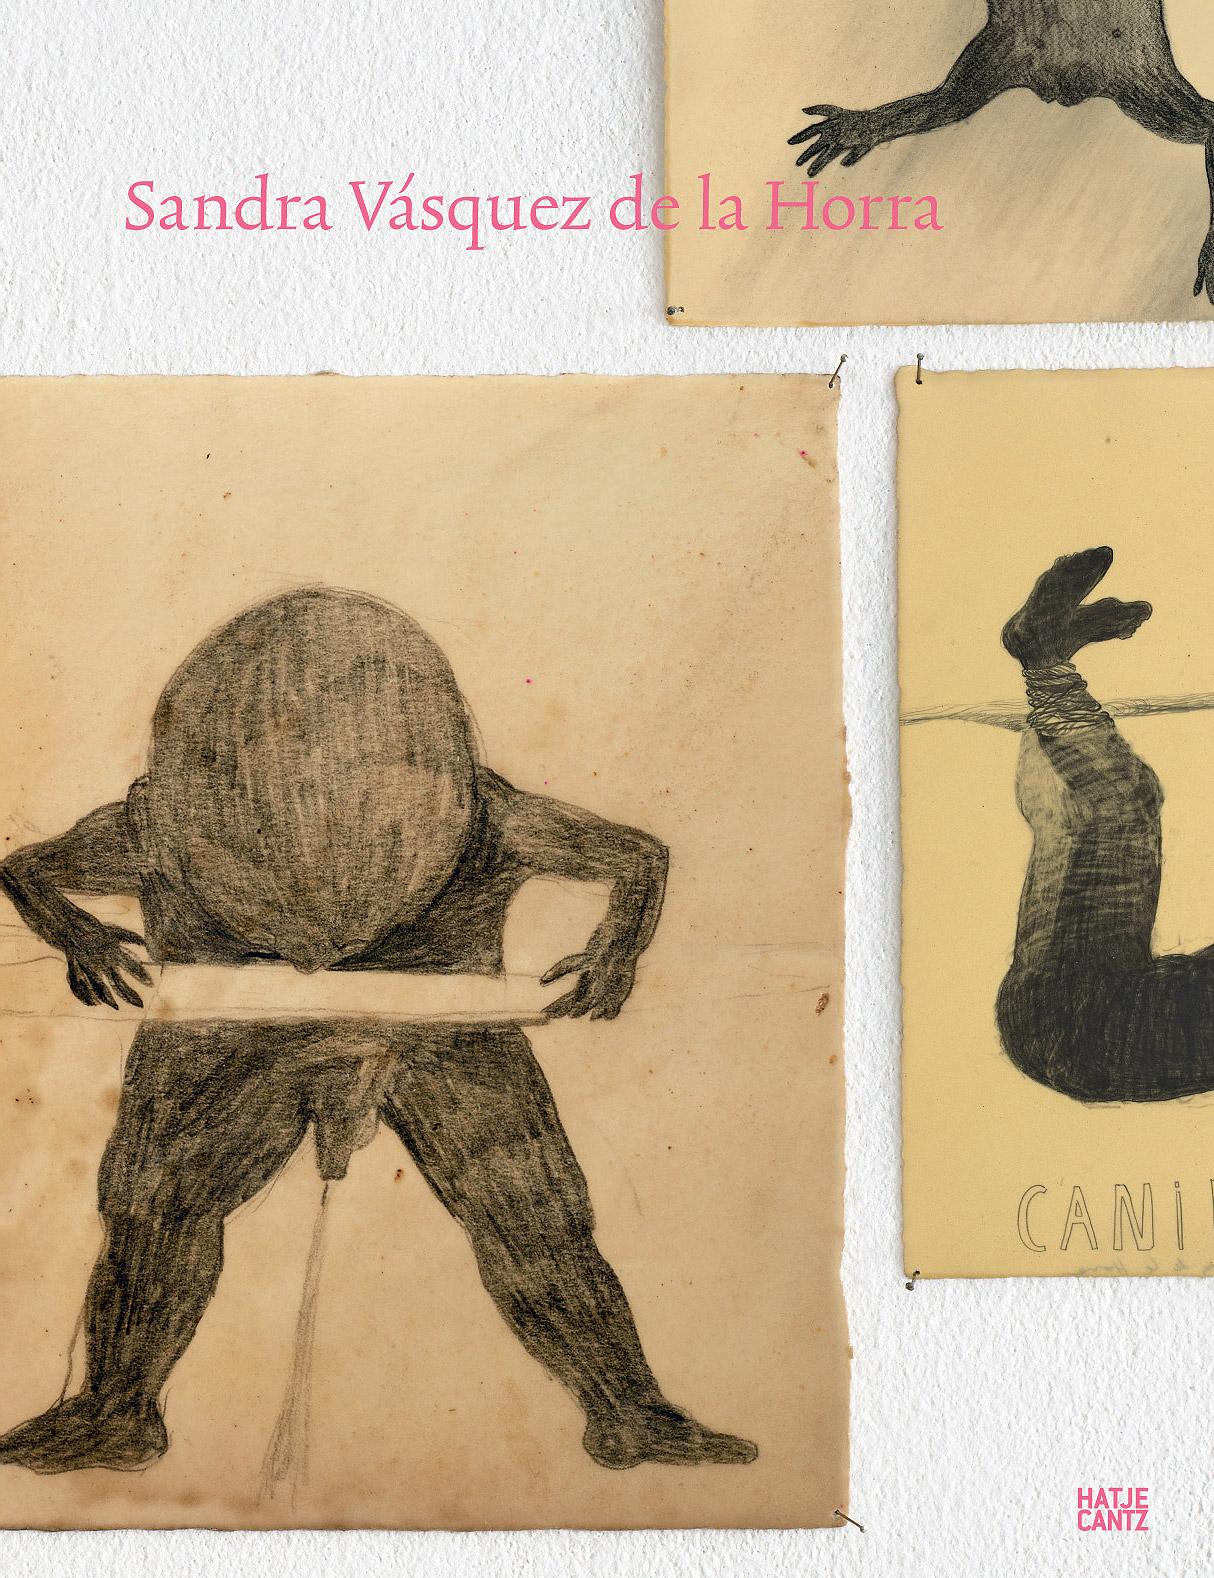 2010 Sandara Vasquez de la Horra